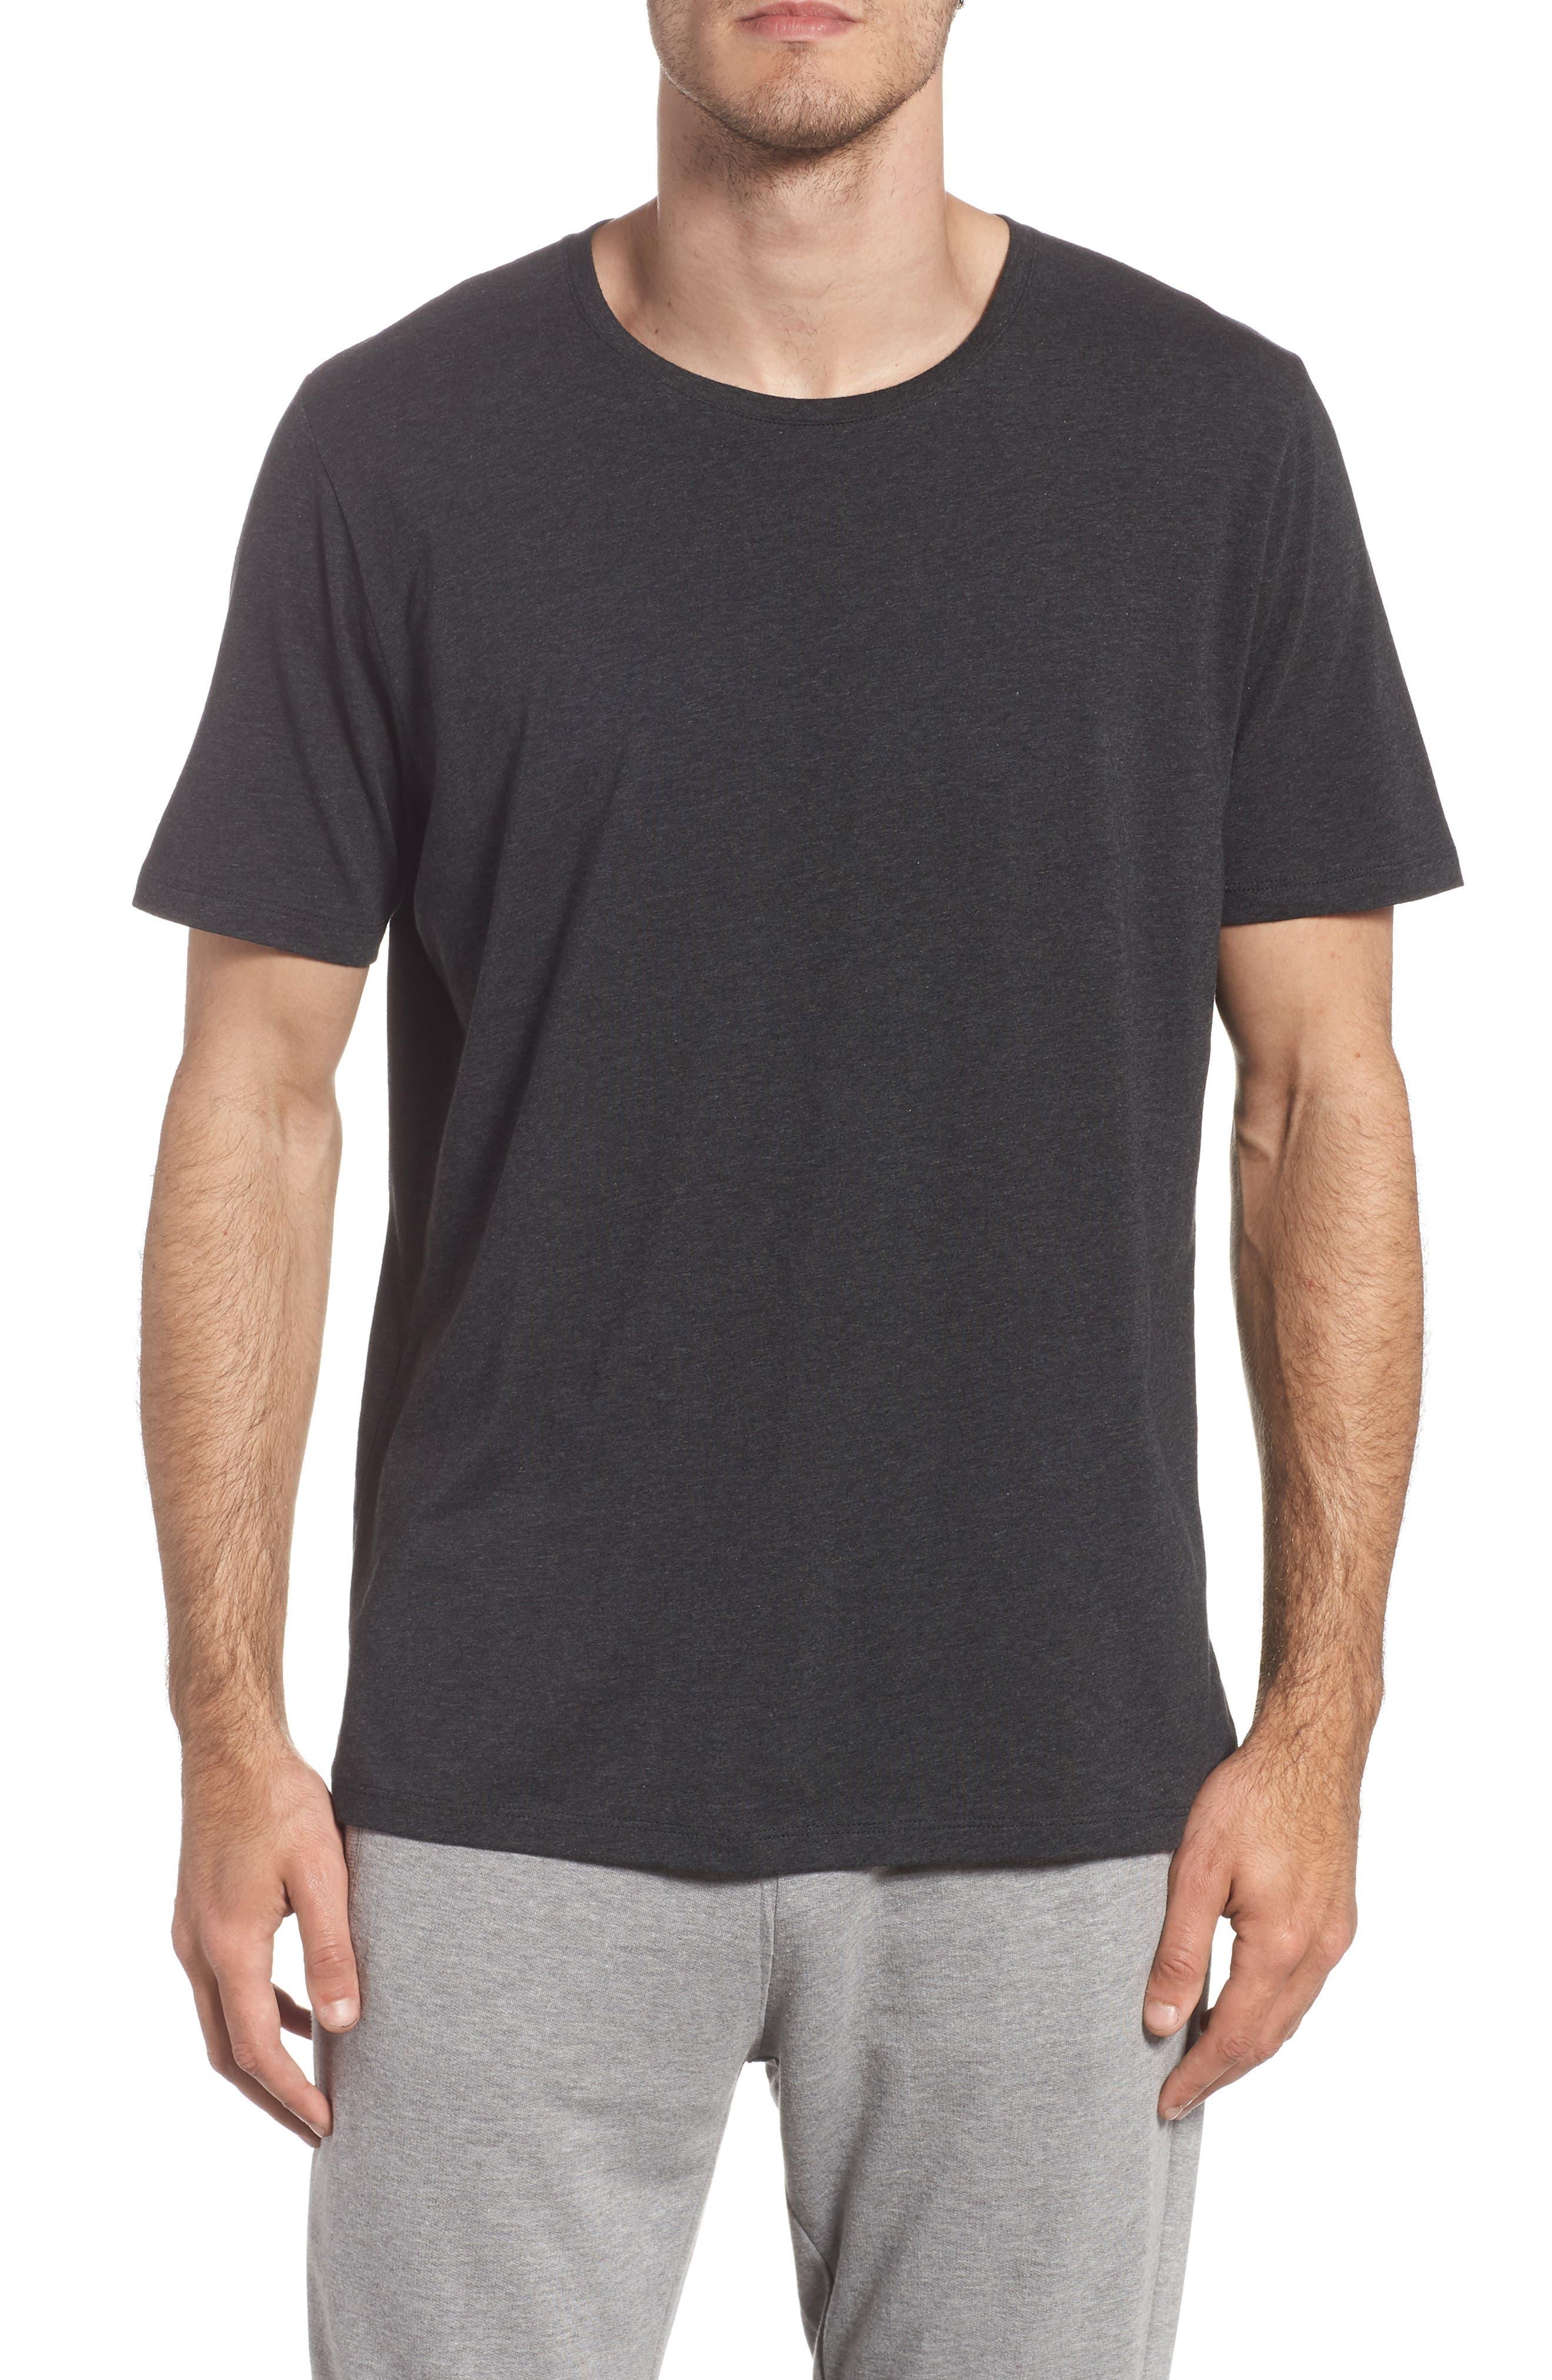 Cotton Blend Crewneck T-Shirt,                         Main,                         color, HEATHER CHARCOAL